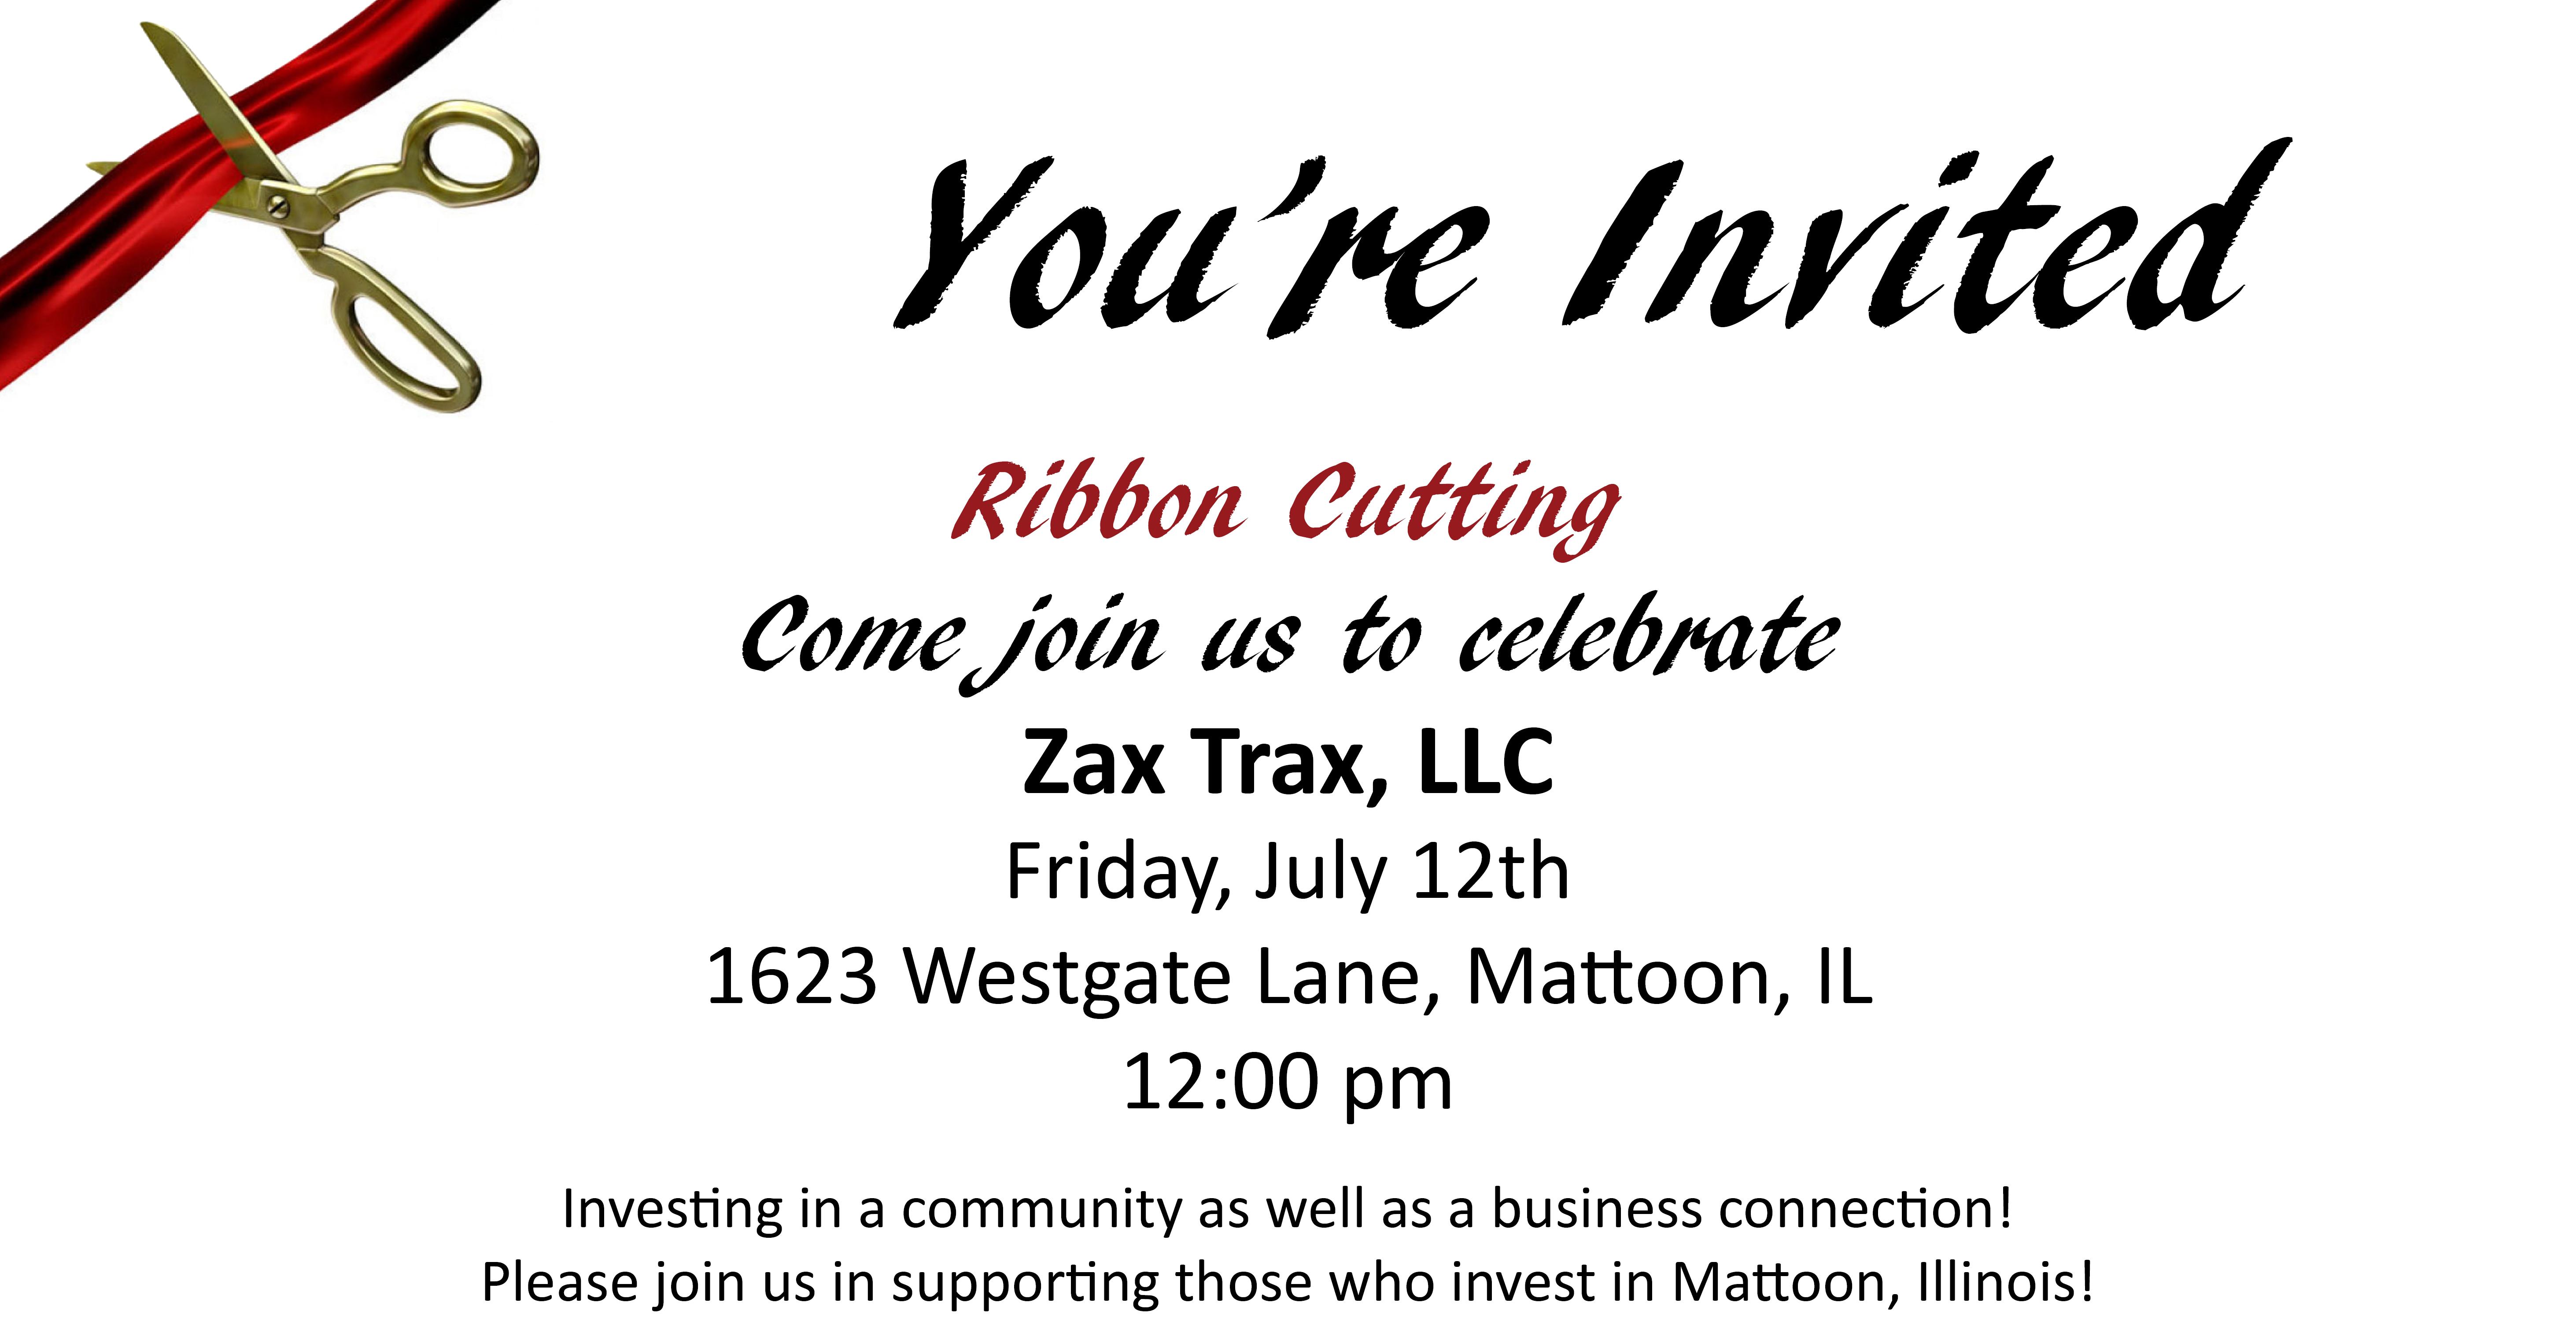 Ribbon Cutting @ Zax Trax, LLC